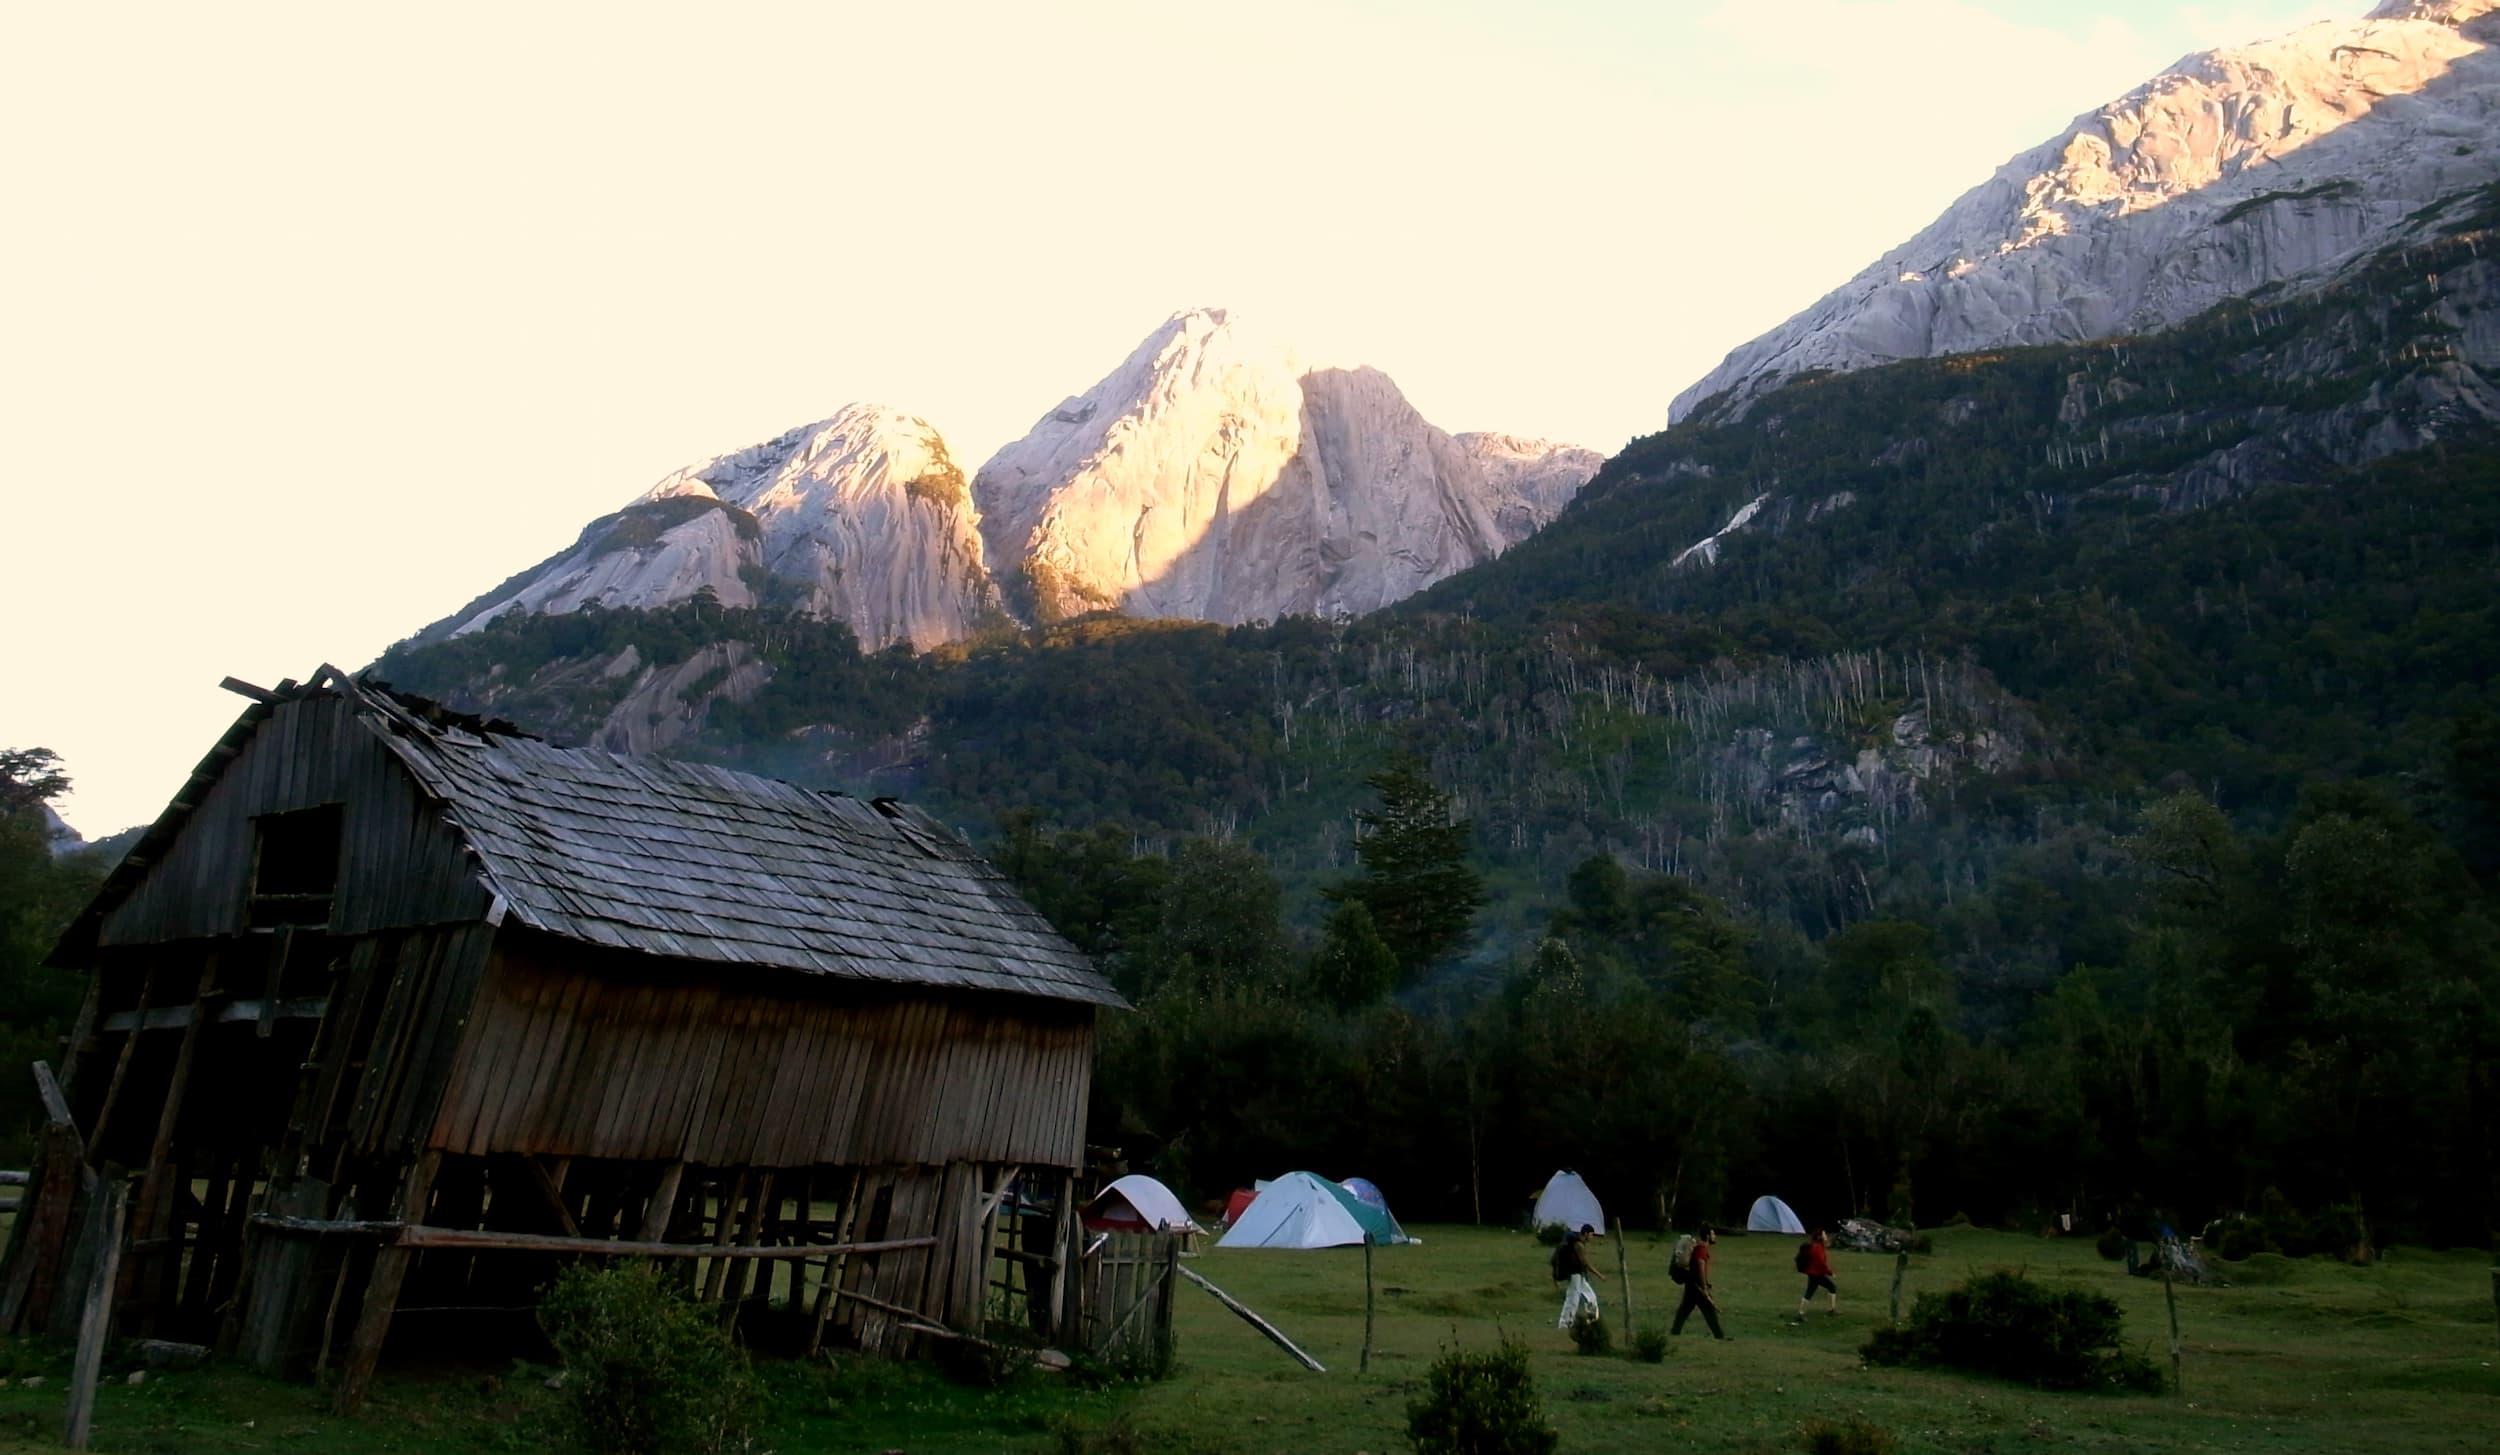 Camping La Junta y arriba en el fondo Cerro Trinidad.